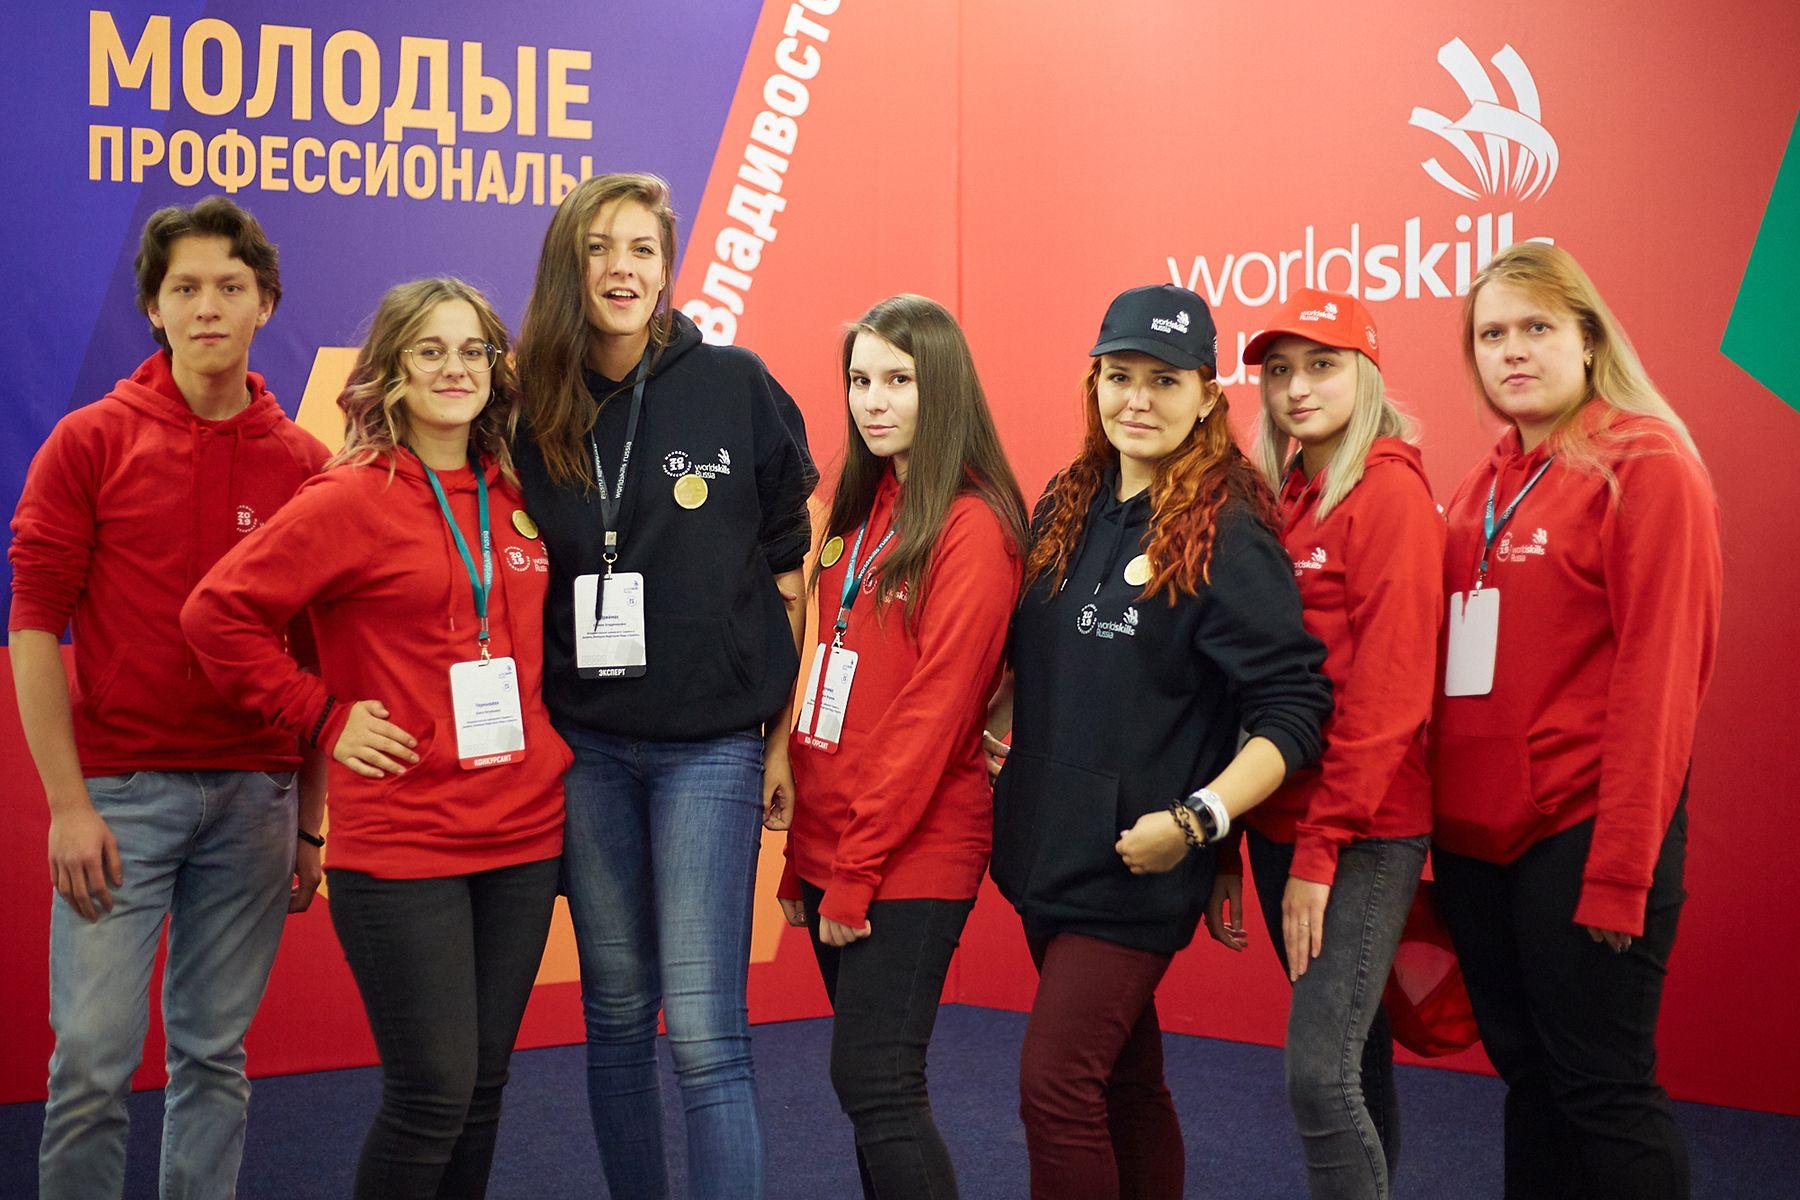 Призеры ВГУЭС V Открытого регионального чемпионата «Молодые профессионалы»: юниоры и серебряные медалисты